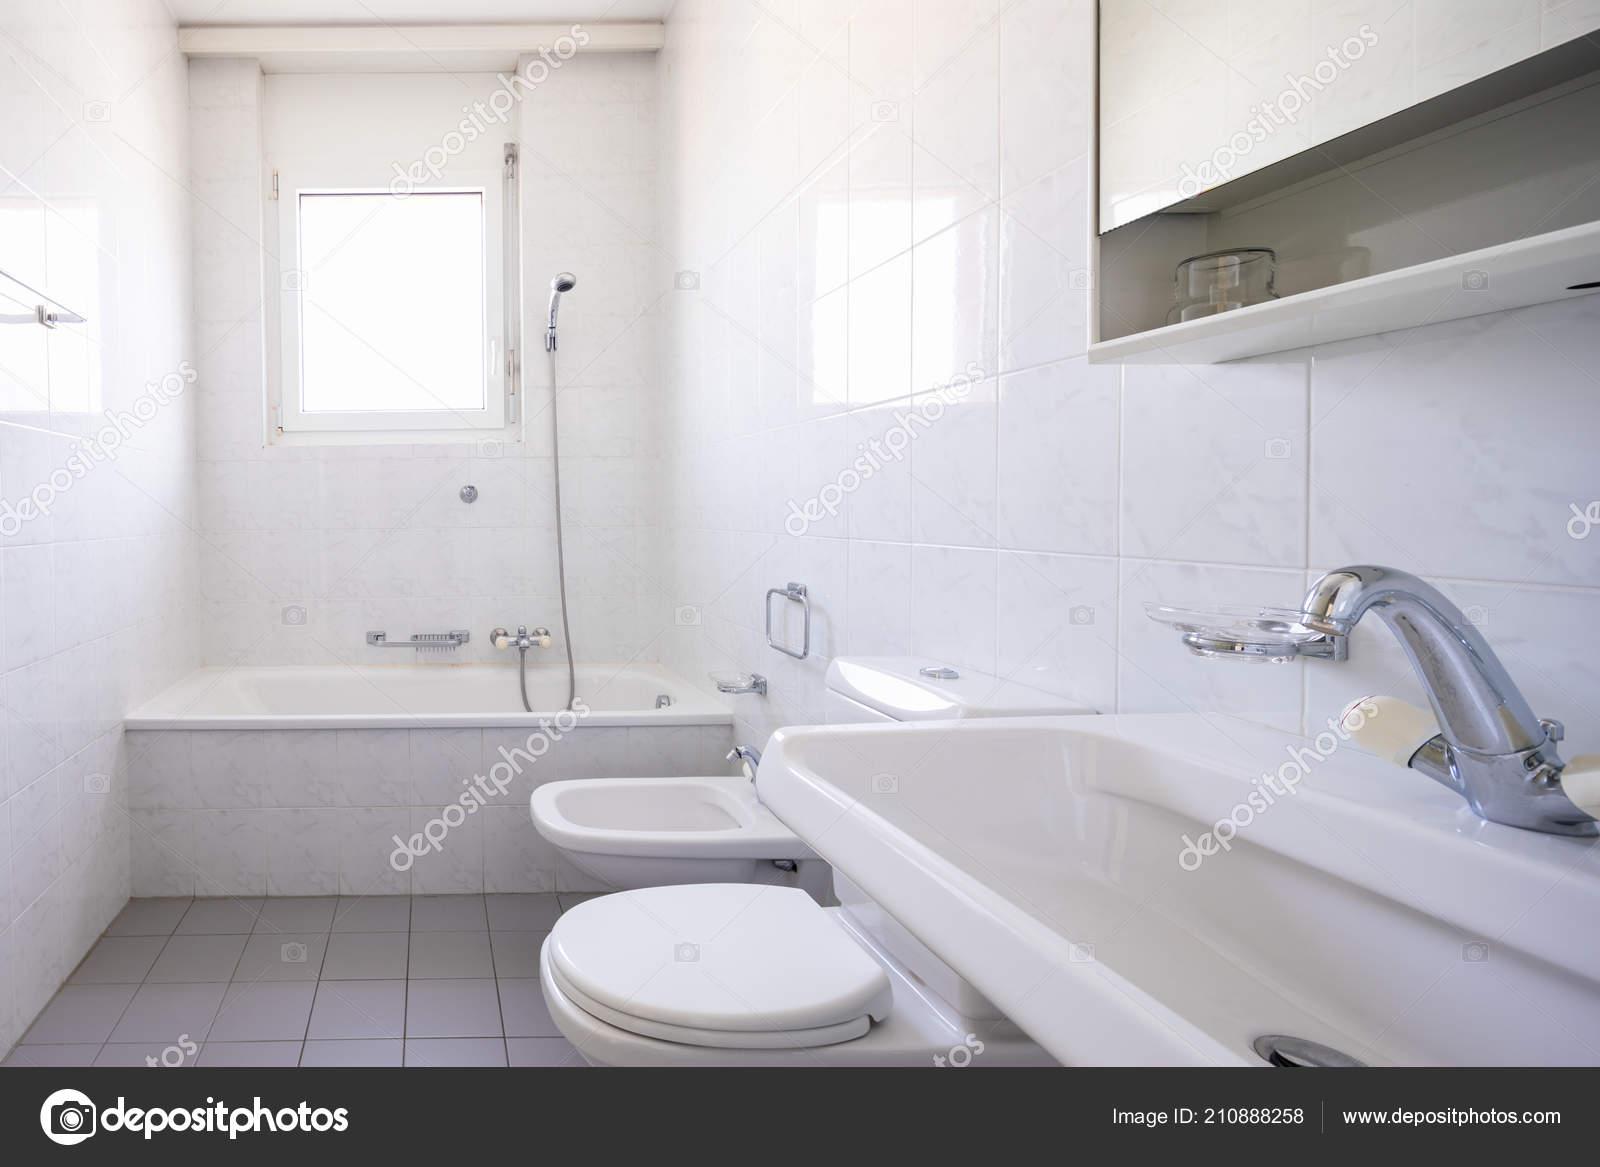 Bagno con piastrelle finestra vintage nessuno all interno u foto